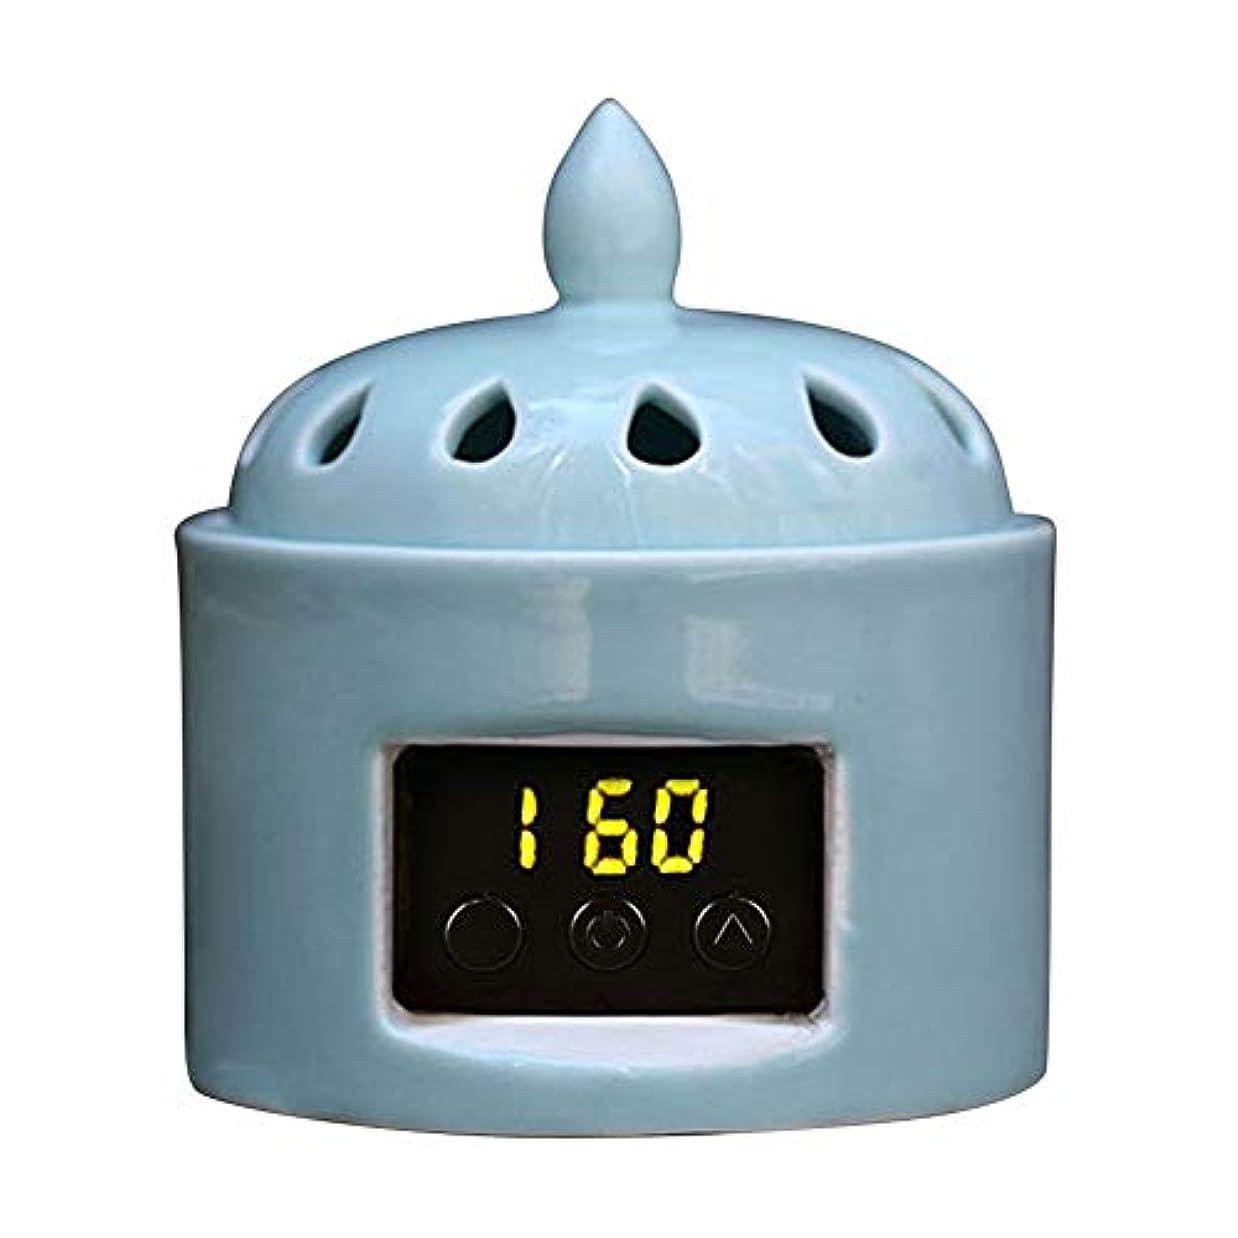 ドロップ眠りウェイドアロマディフューザー LCD温度制御 香炉、 電気セラミック 寒天 エッセンシャルオイル アロマテラピーディフューザー、 ホーム磁器、 バルコニー、 ポーチ、 パティオ、 ガーデンエッセンシャル セラミック電気香炉